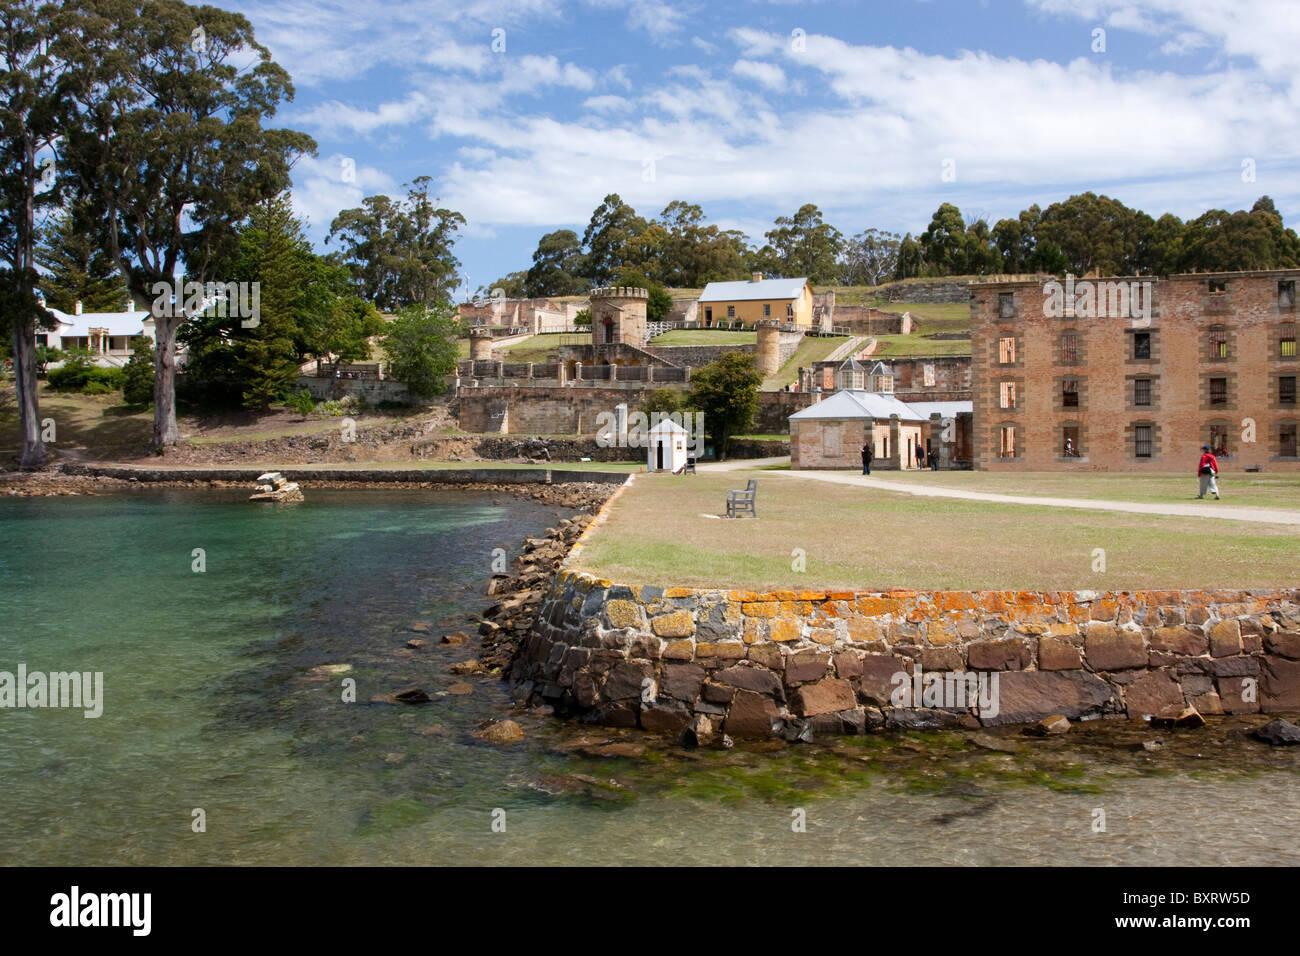 Australia, Tasmania, Península de Tasmania, Port Arthur, vista de los edificios del sitio histórico Imagen De Stock